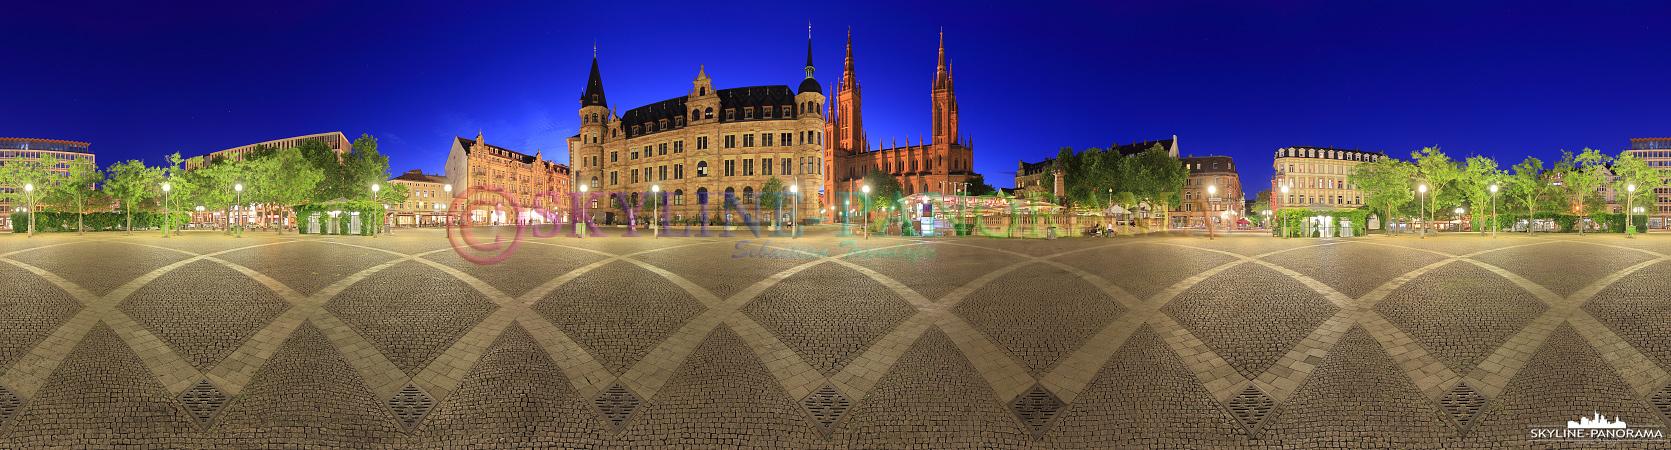 Wiesbaden - Landeshauptstadt Hessen